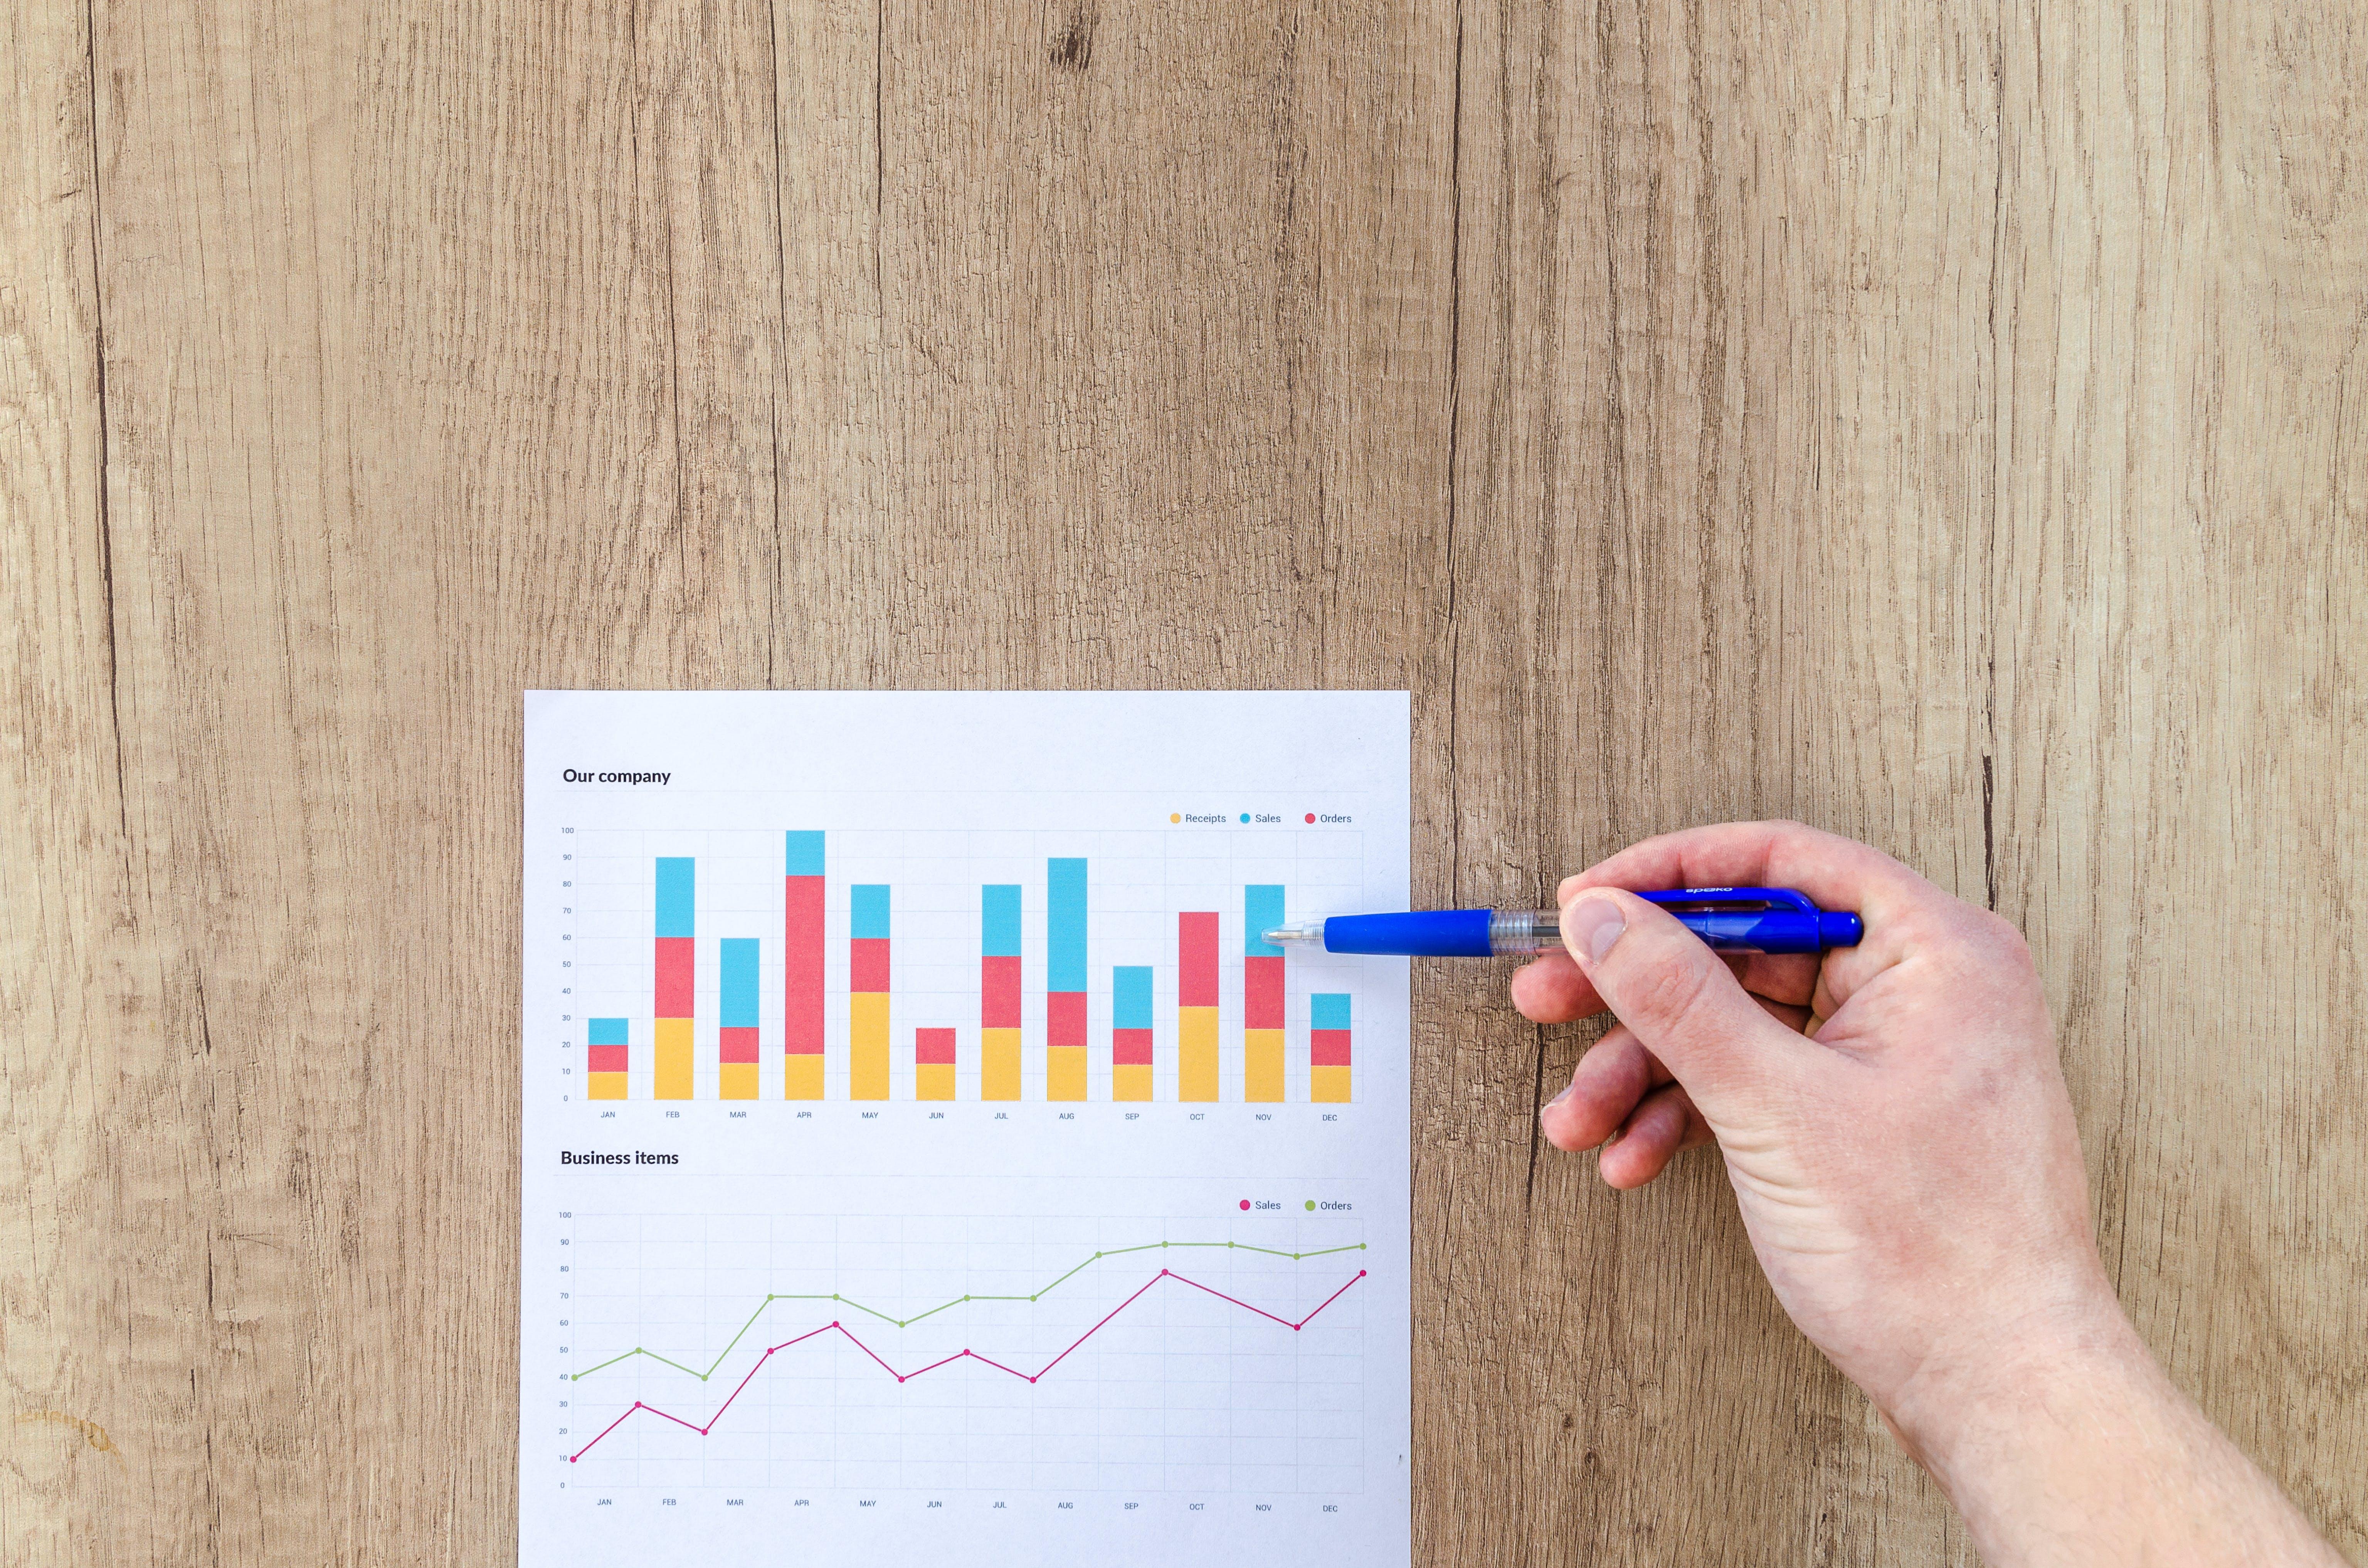 chart, graph, hand